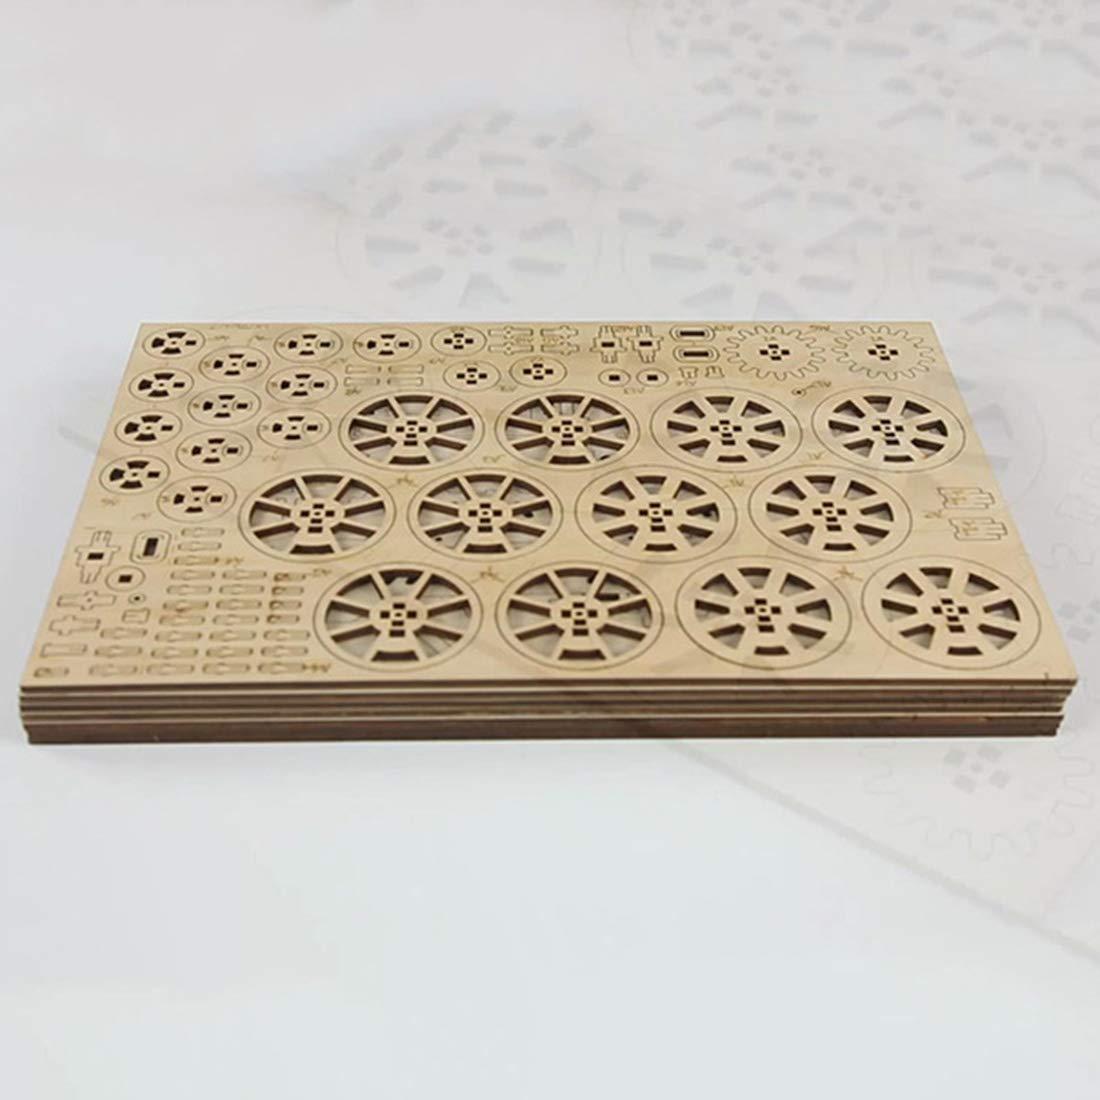 HYZH 3D DIY Puzzle Spiel Spiel Spiel Holzpuzzle Mechanische Zahnräder Stem Spielzeug für Wohnkultur bc8d17